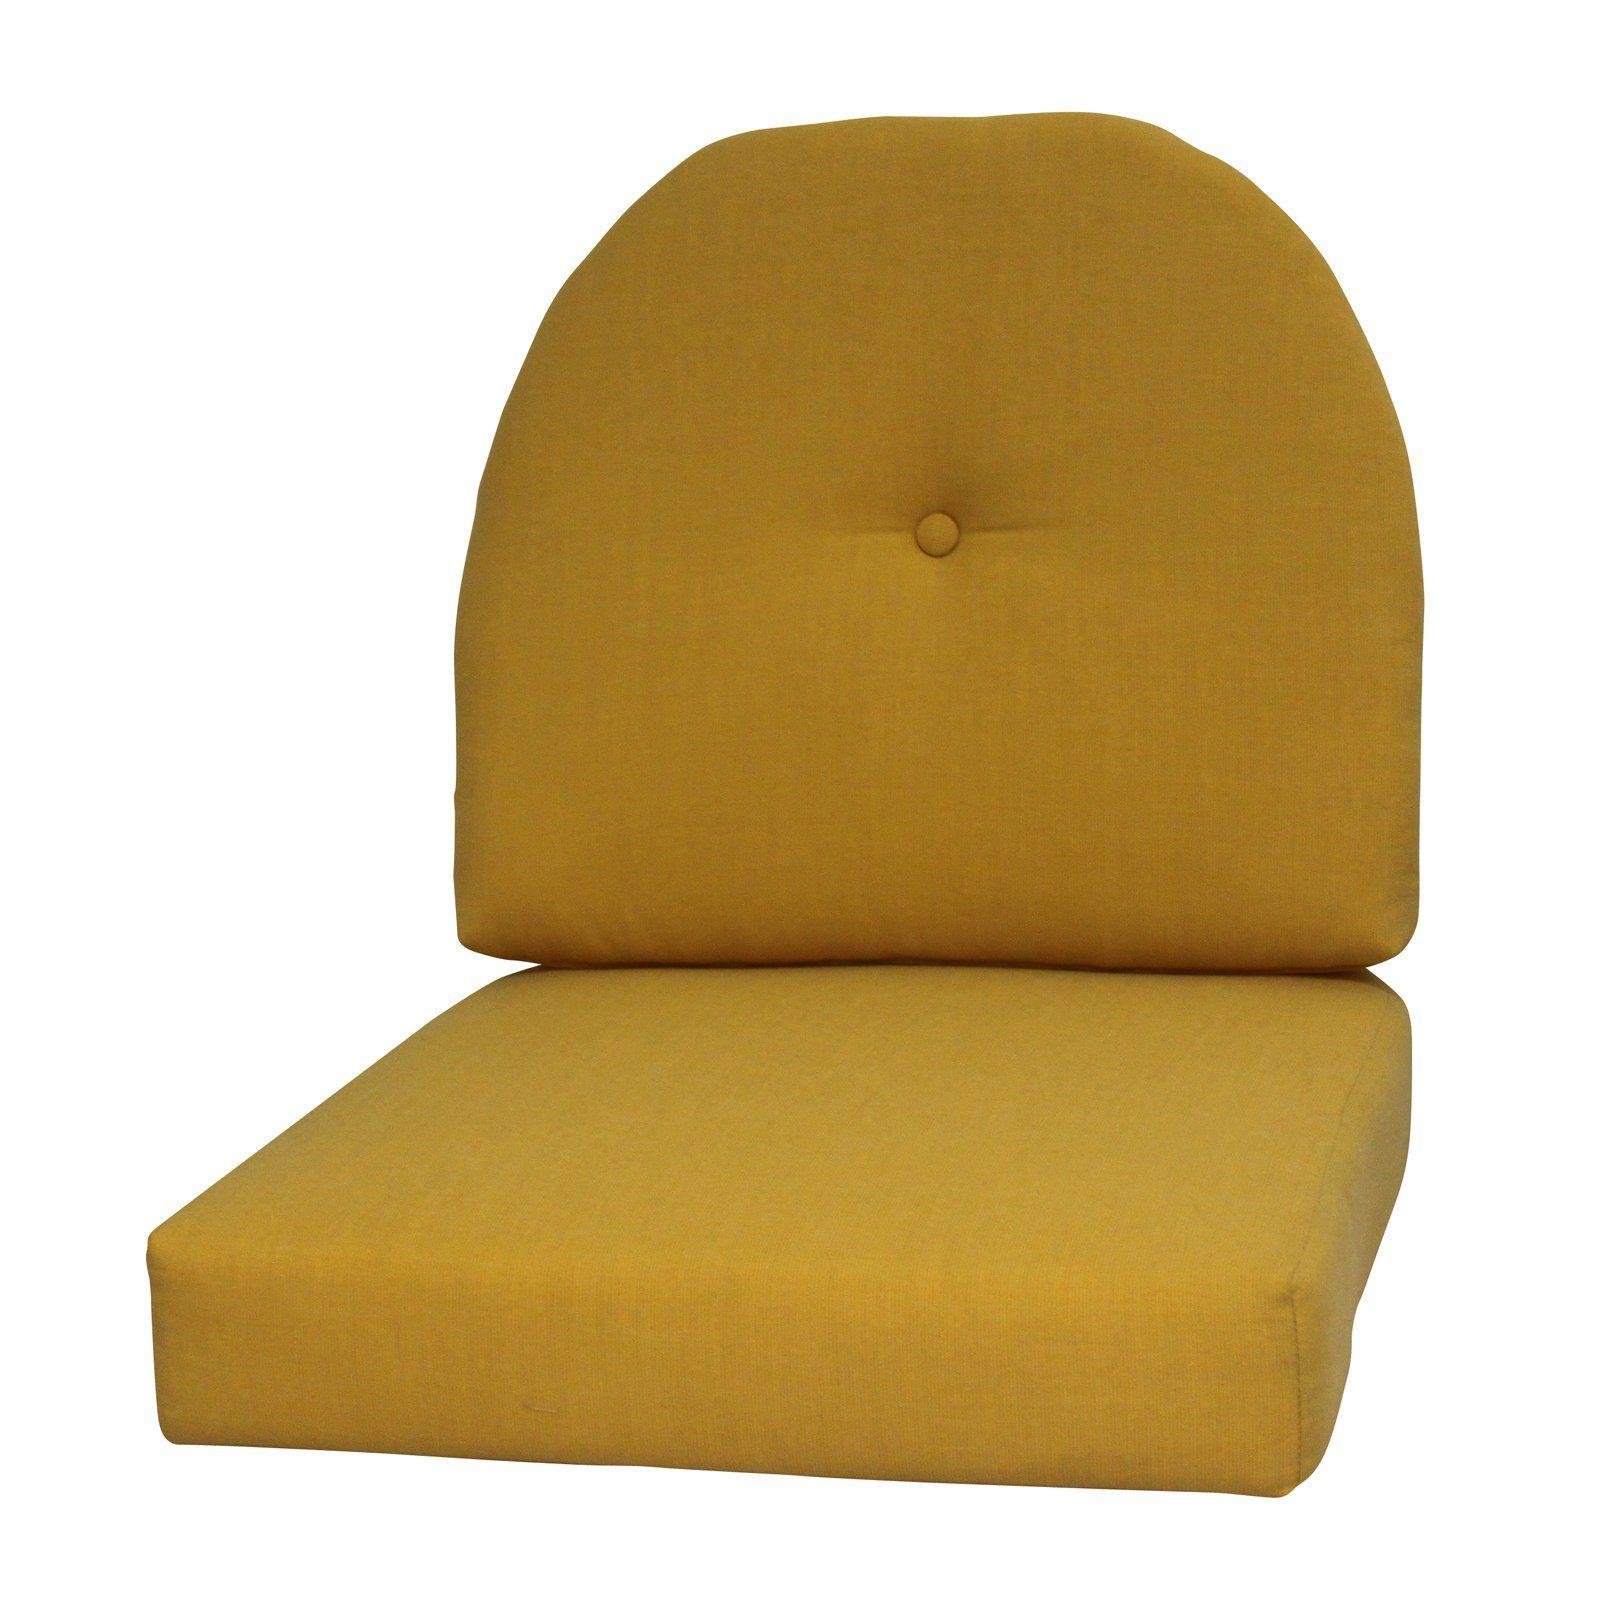 FiberBuilt Paradise Cushions Sunbrella Wicker Chair Seat